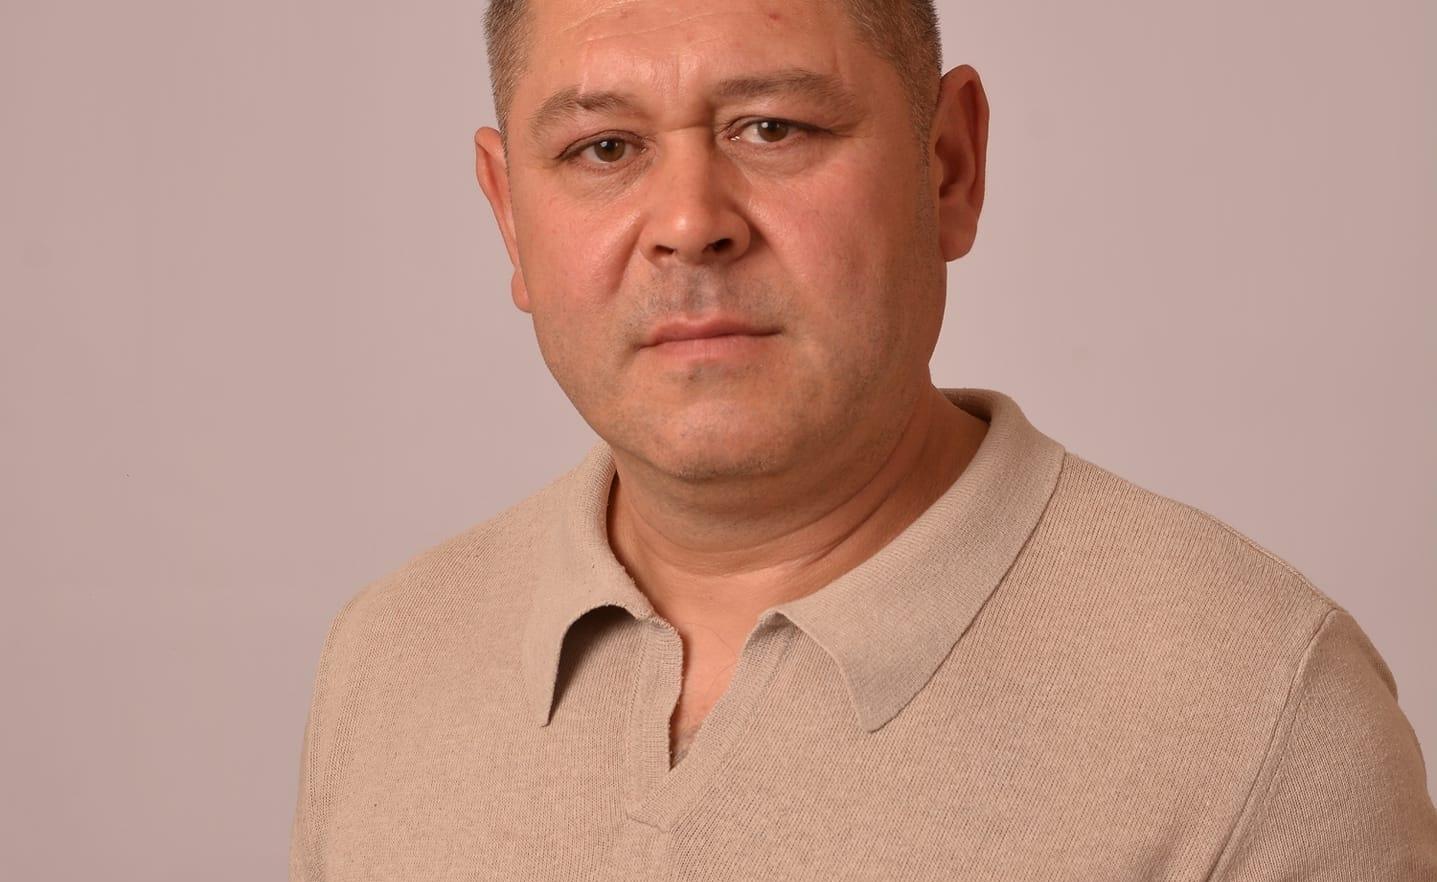 Нові-старі депутати: хто вирішує долю Борисполя - ЦВК, місцеві вибори, місцева влада - 122416495 1233316663714872 89658945034190581 o